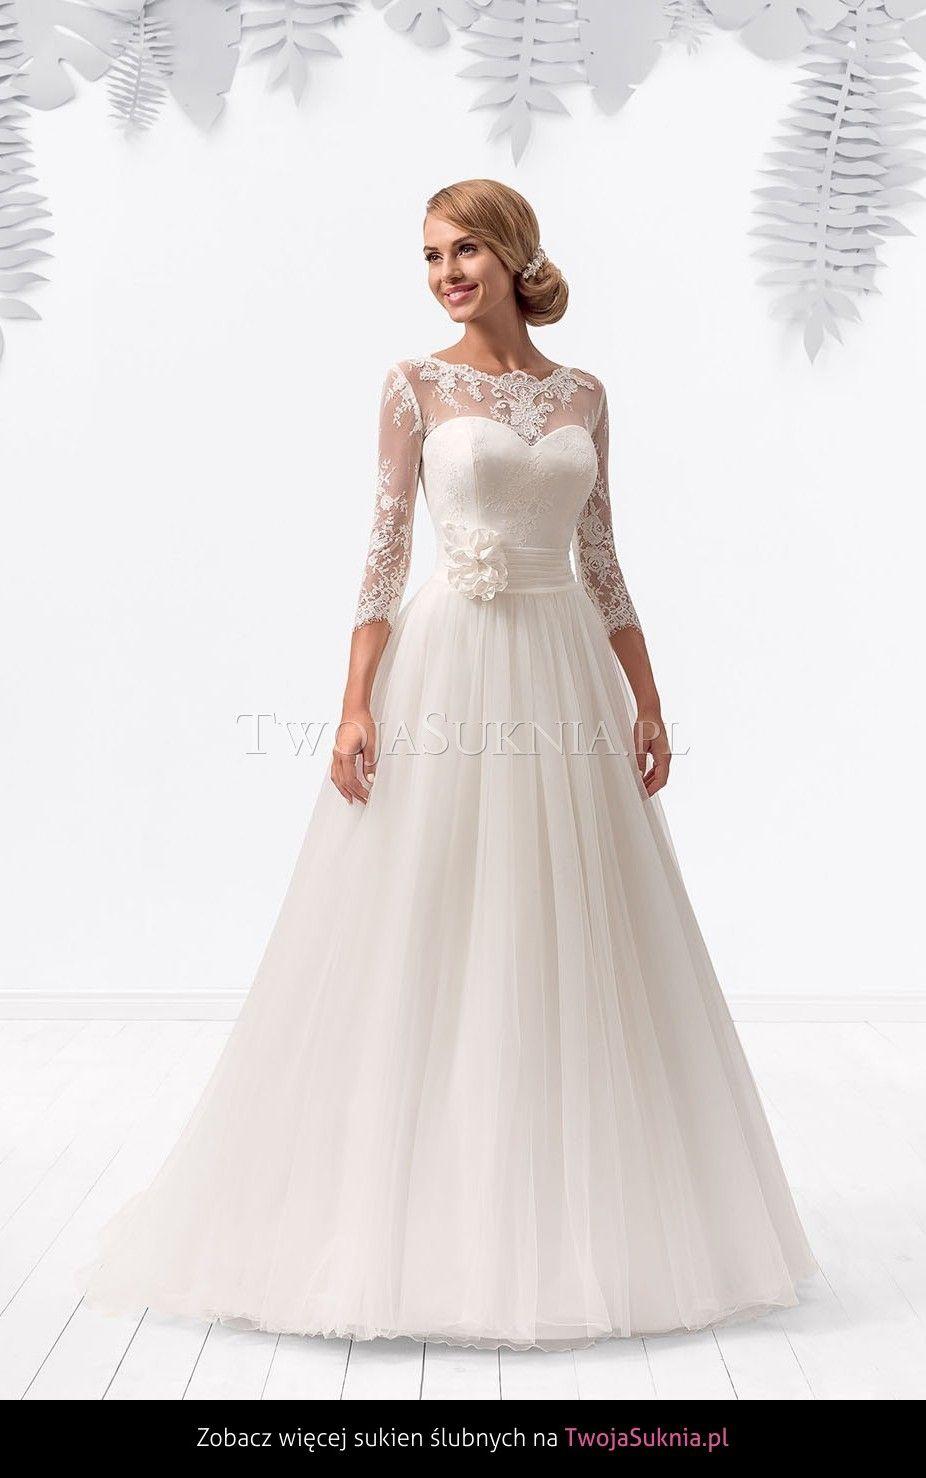 Ziemlich Brautkleider In Nc Bilder - Brautkleider Ideen ...